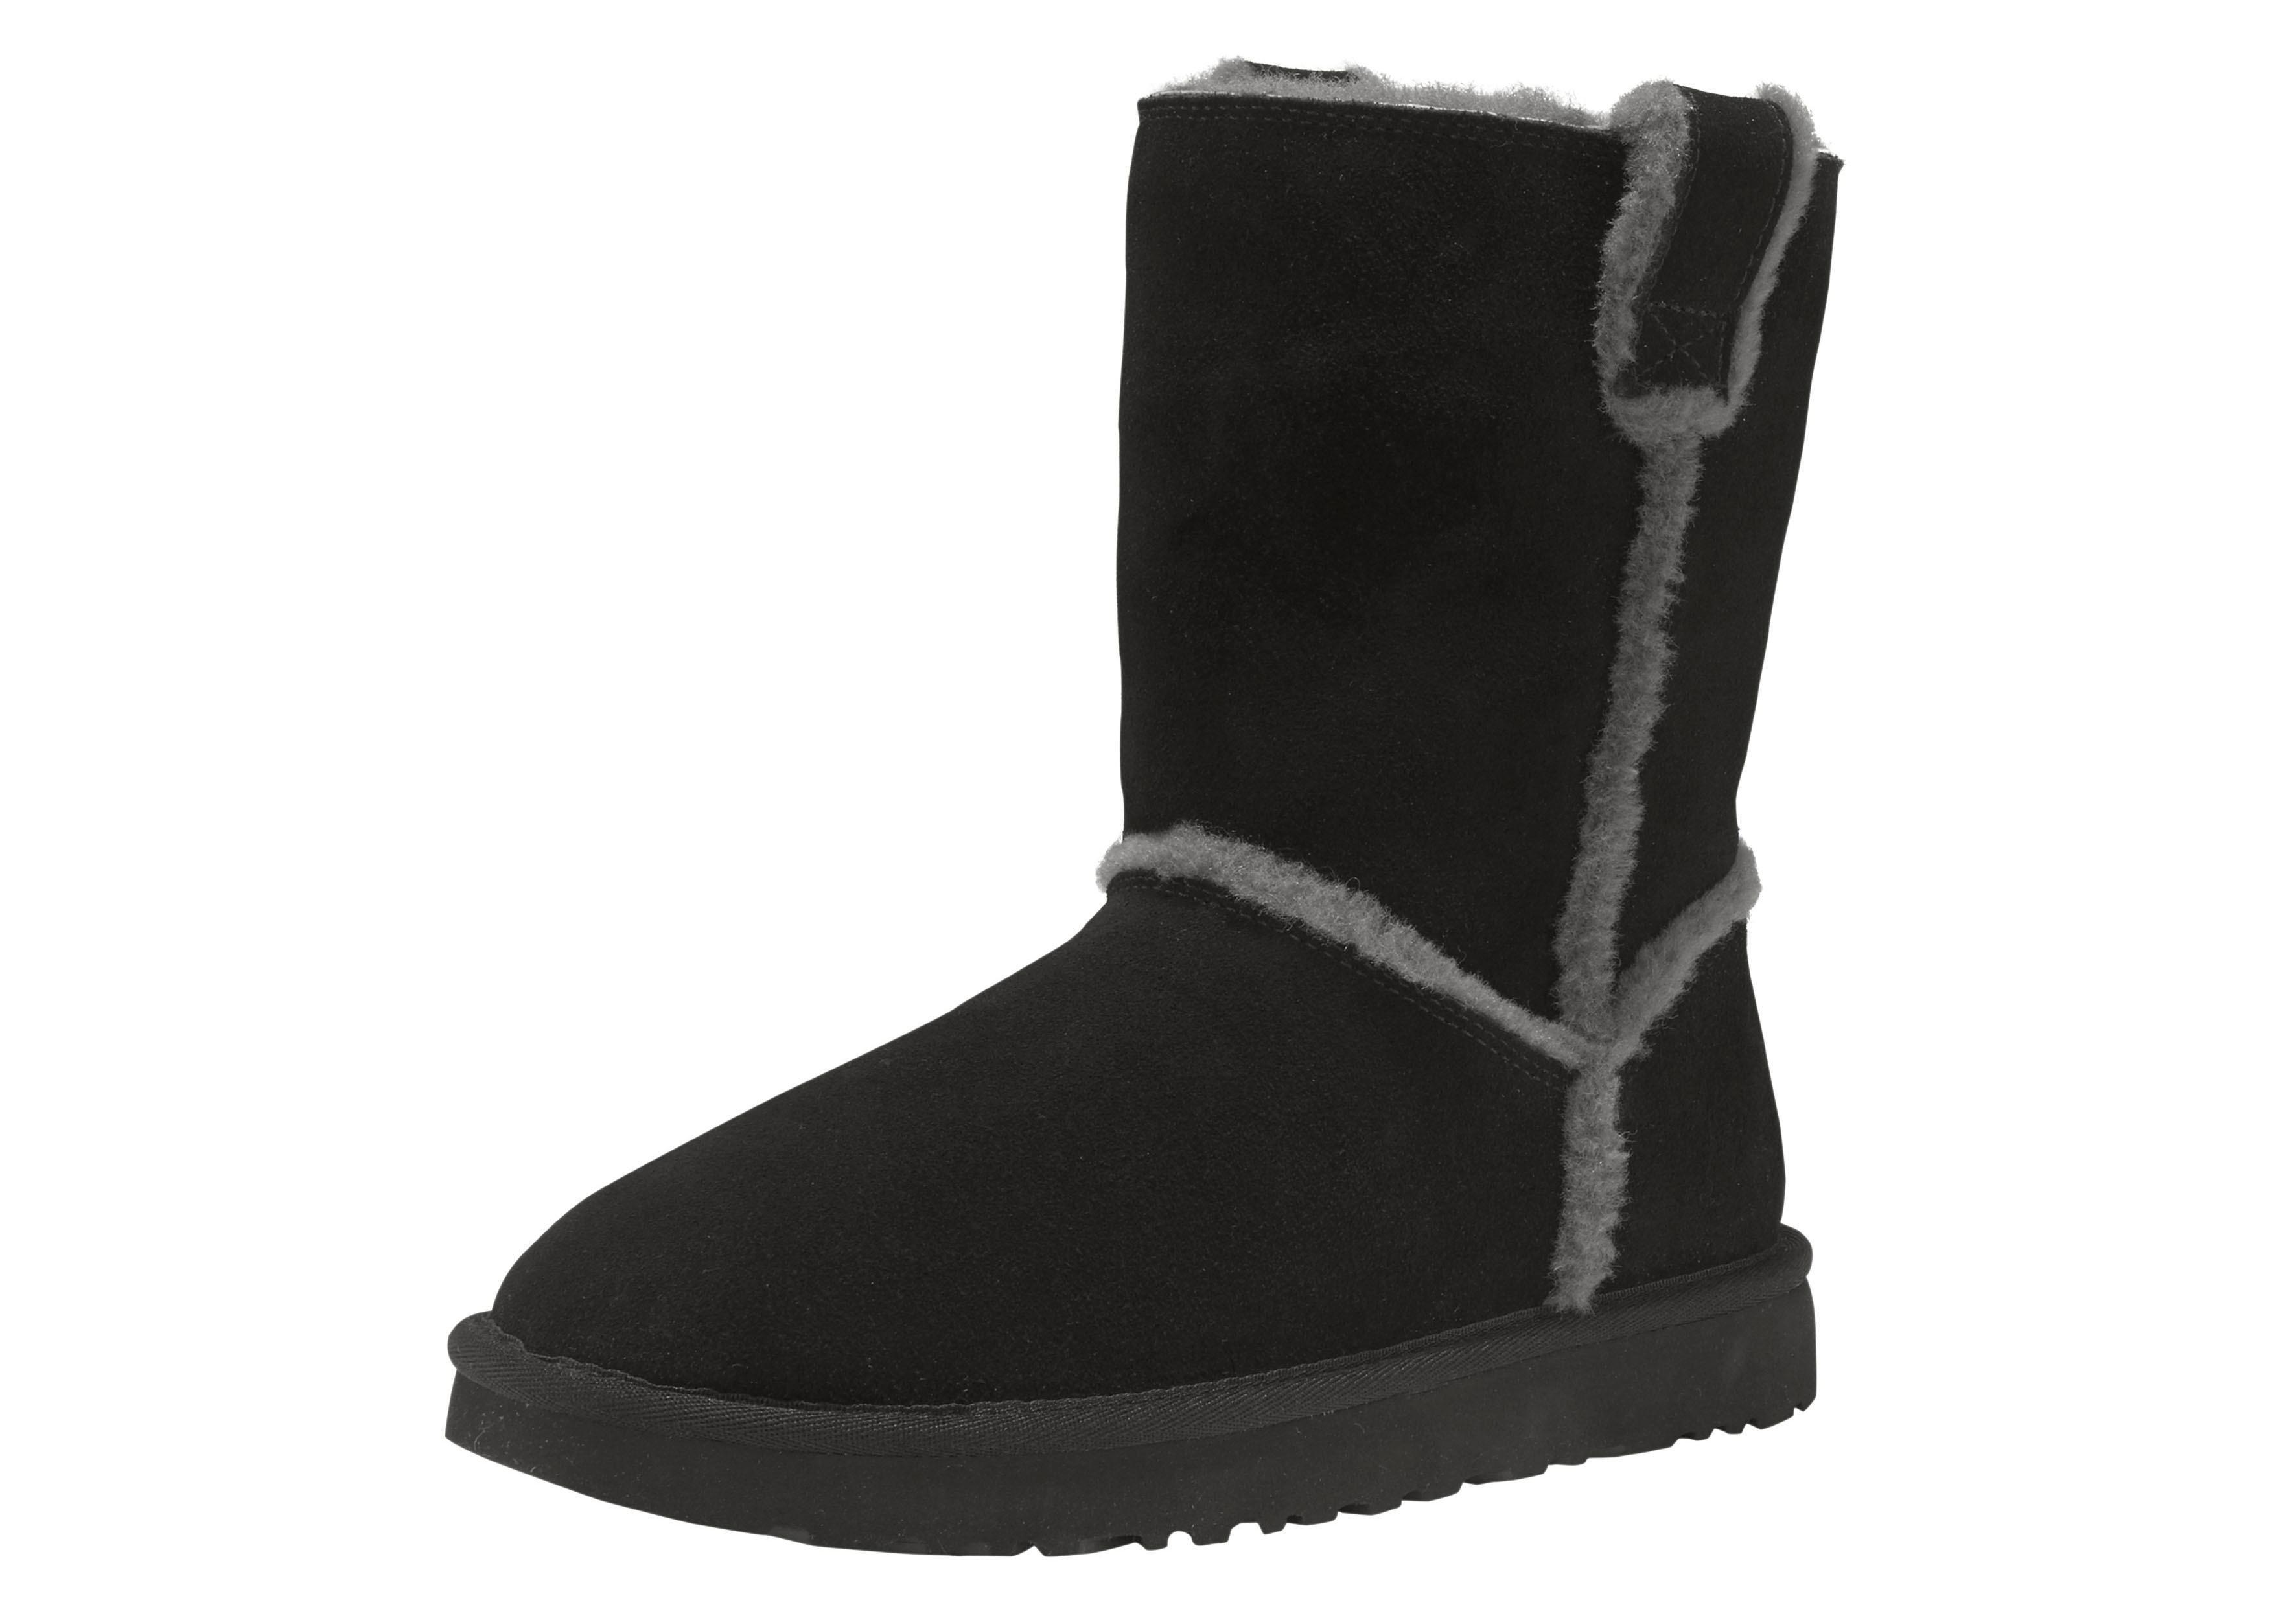 Ugg boots zonder sluiting »Classic Short Spill Seam« voordelig en veilig online kopen